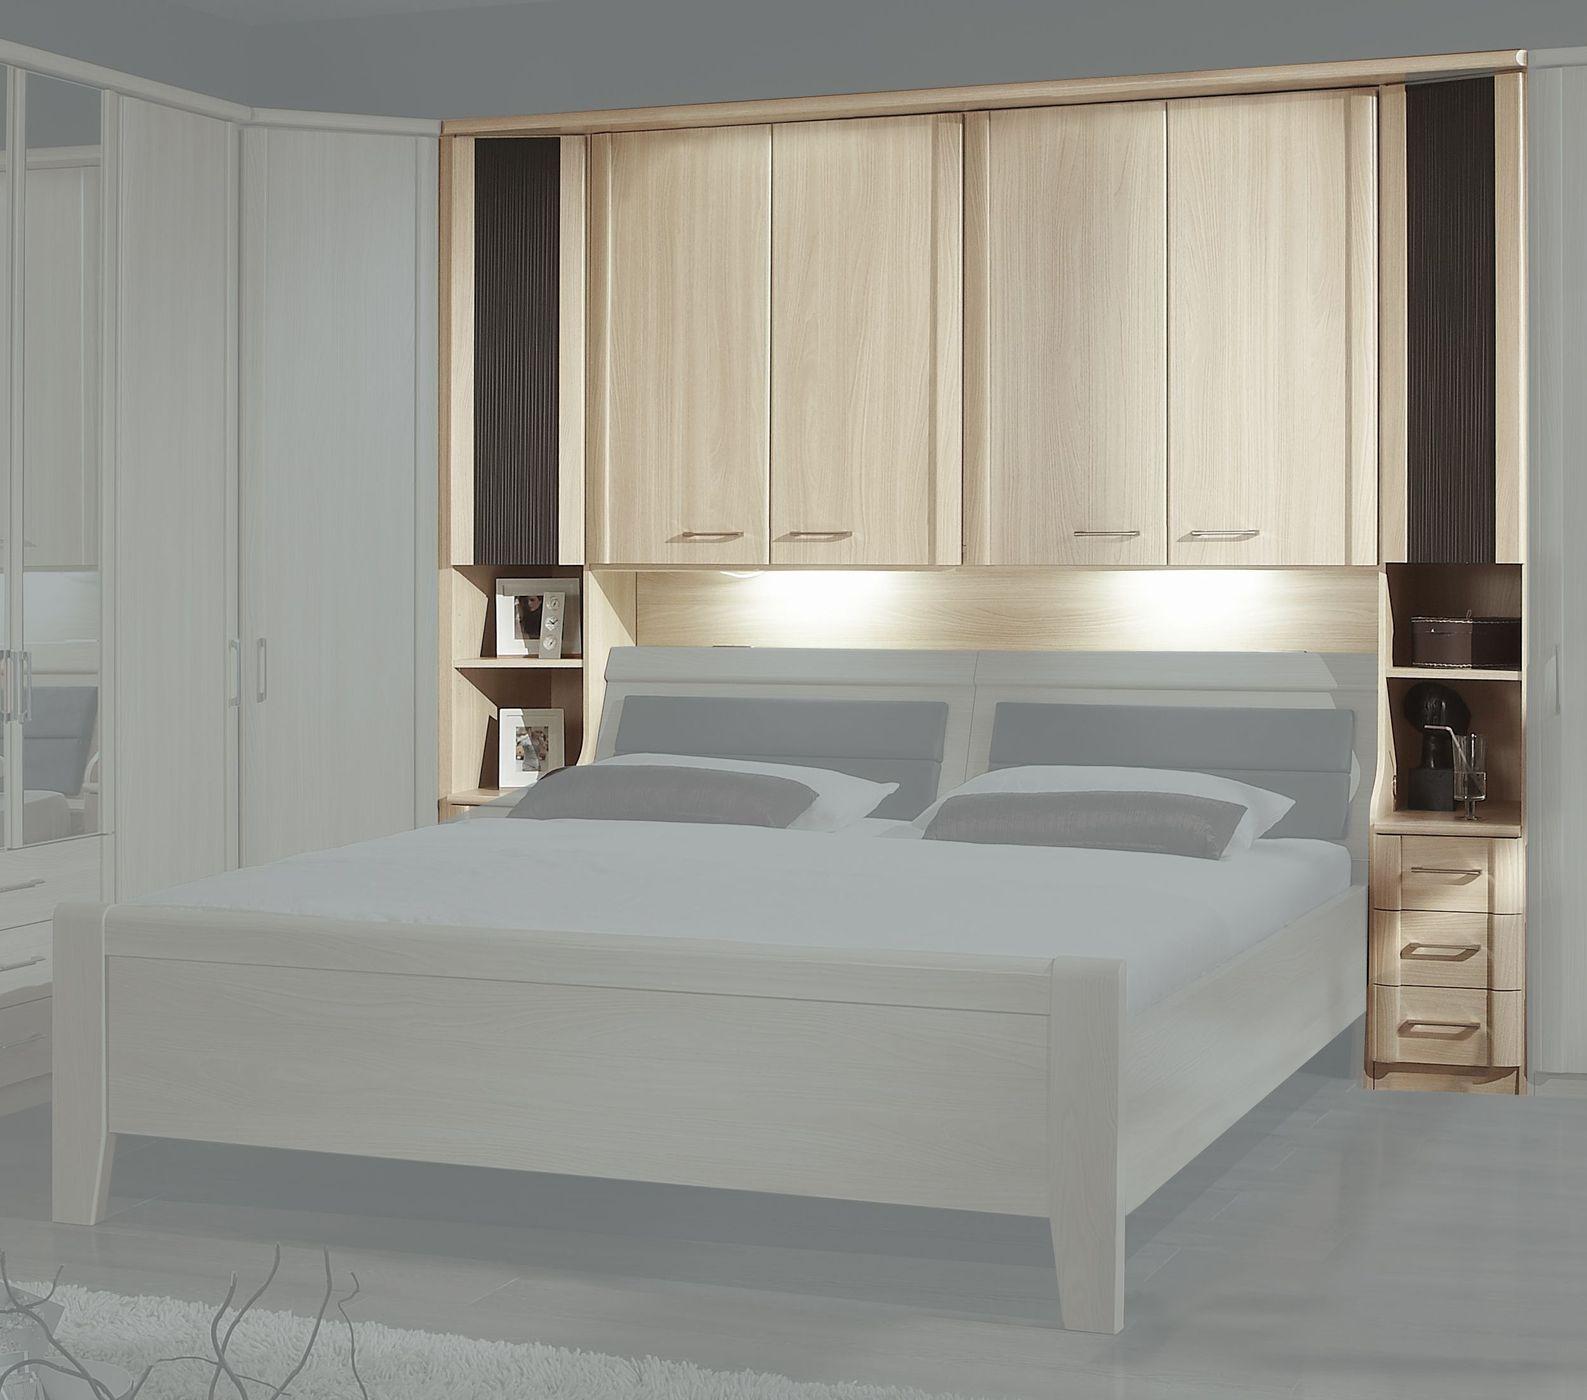 bettbrücke mit kranzleiste für Überbau-schlafzimmer - palena